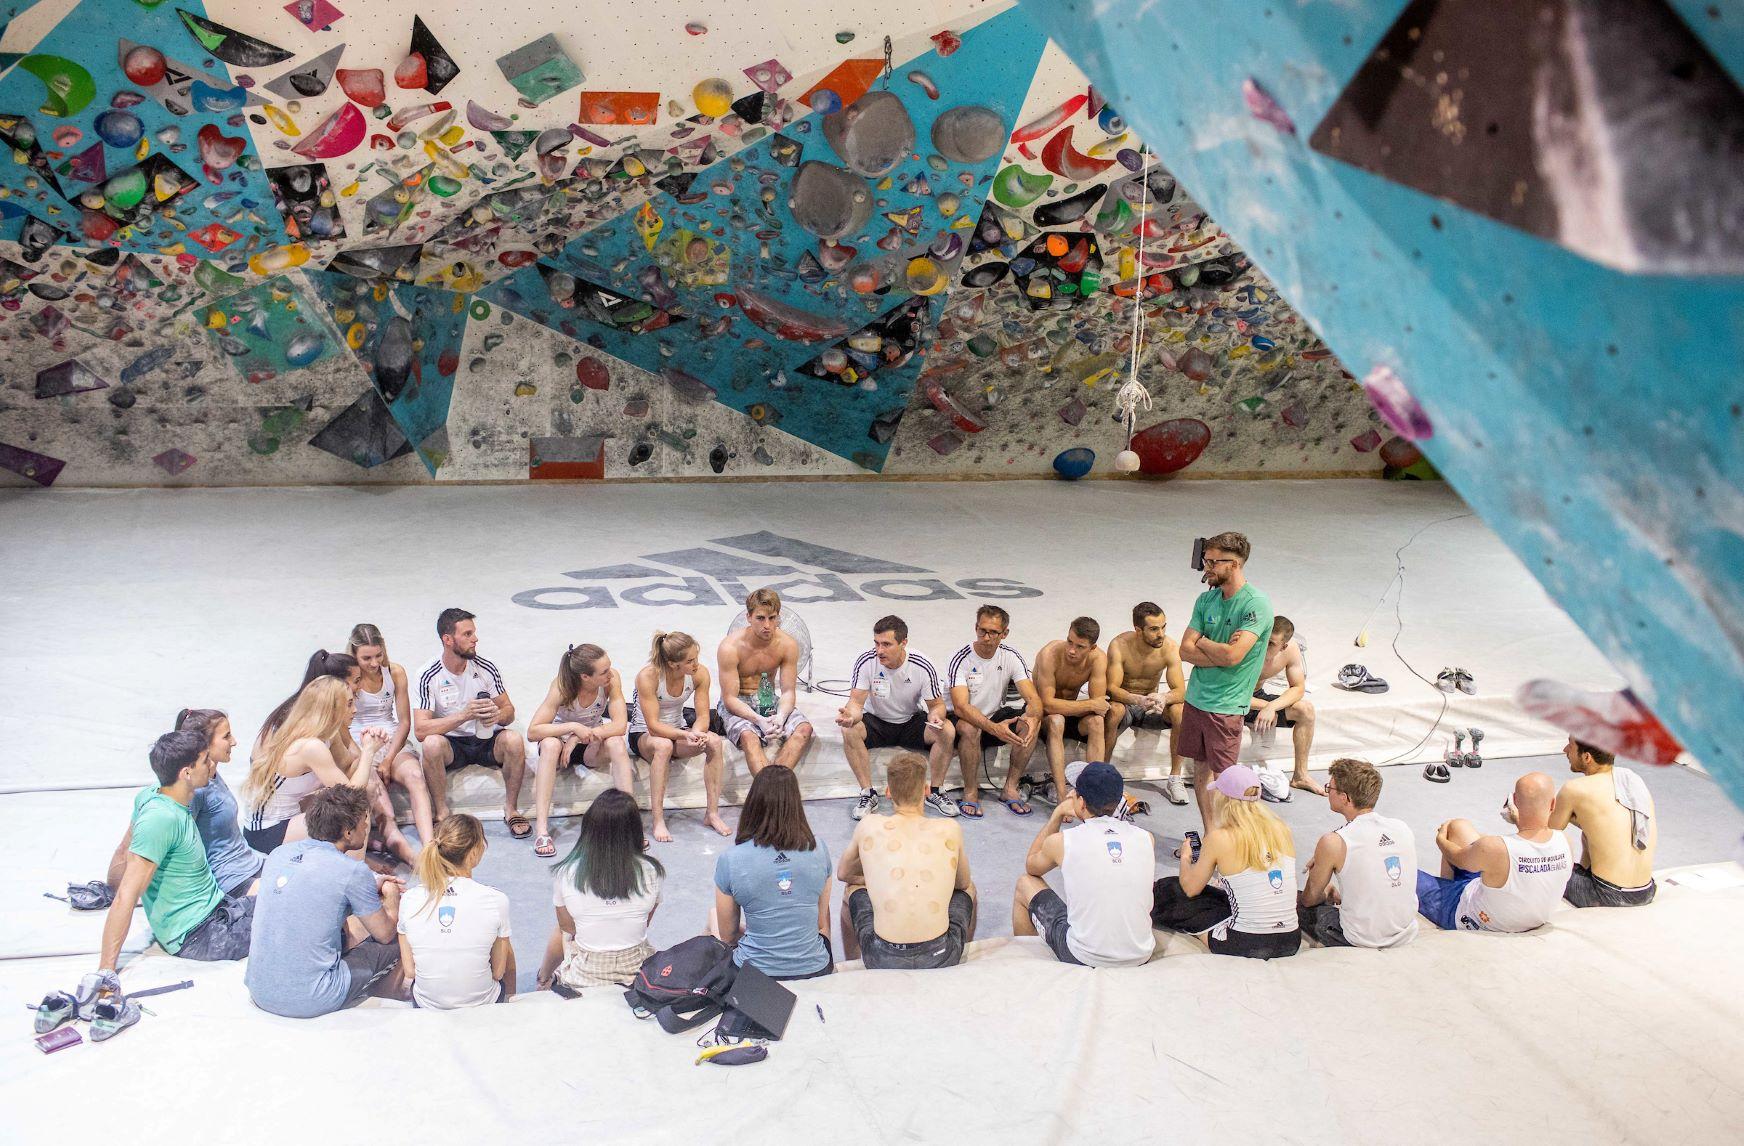 plezalci_skupaj_po_tekmi_foto_Sportida